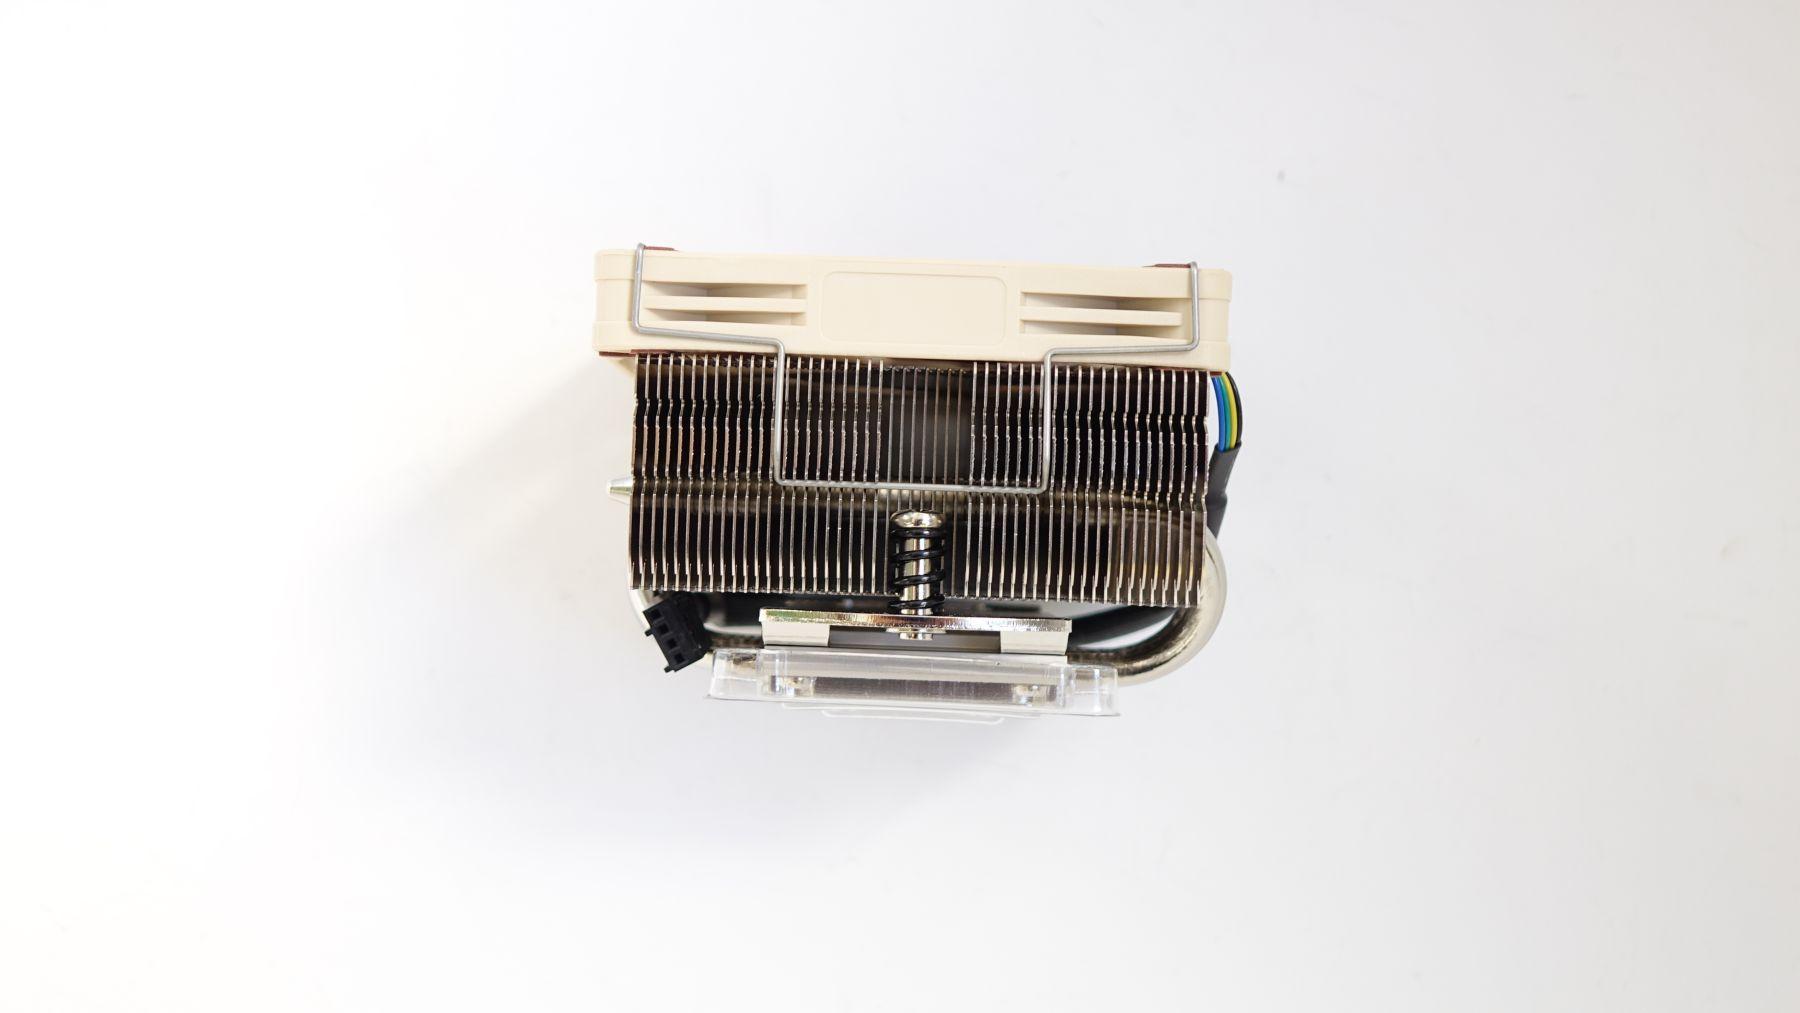 радиатор сбоку